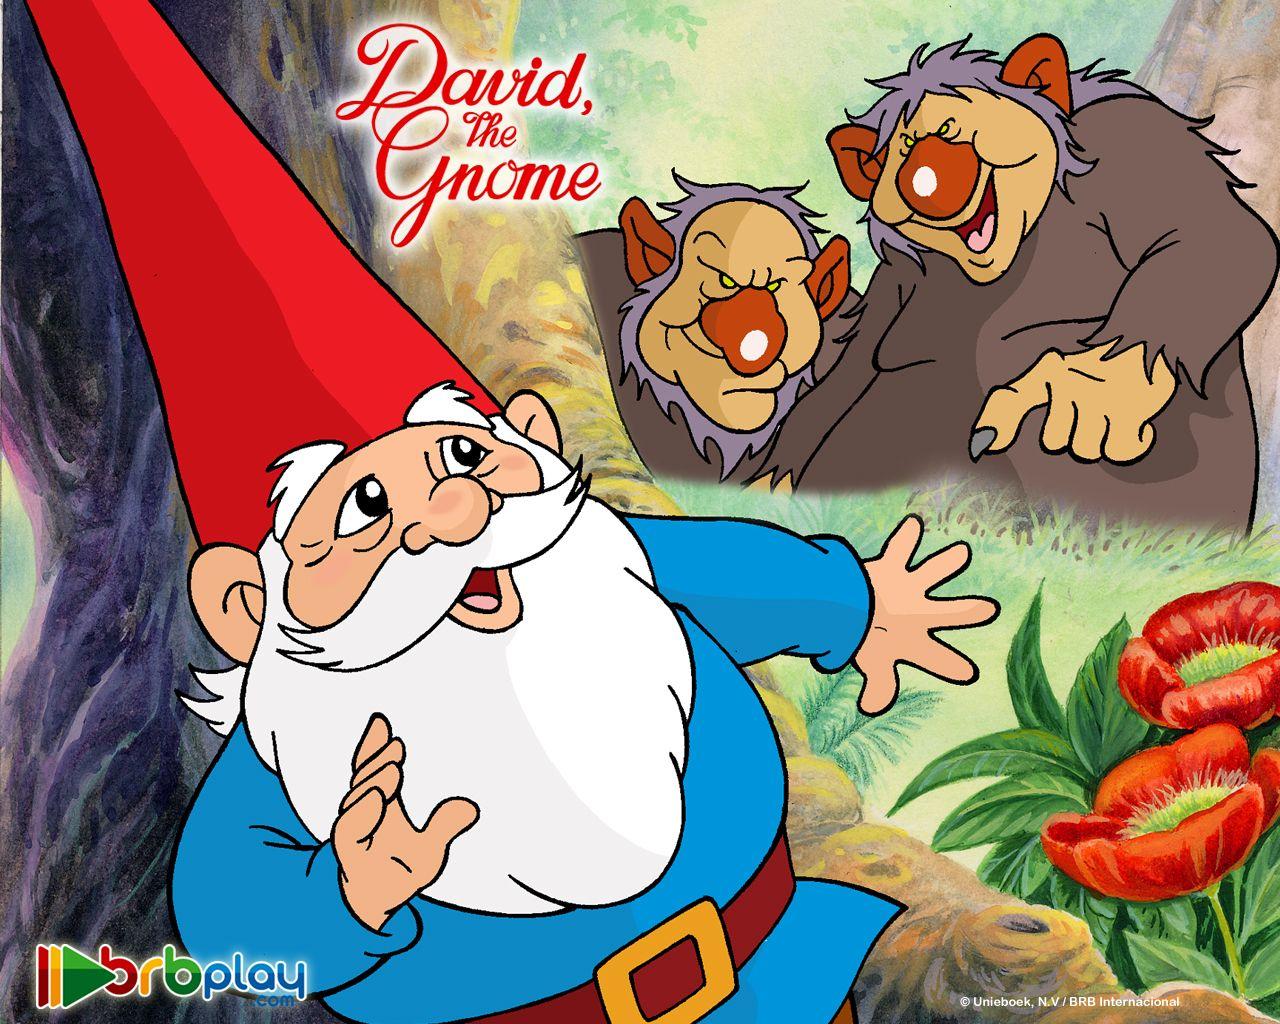 Brbplay Dibujos Animados David El Gnomo Recuerdos De La Infancia Programas De Television Antiguos